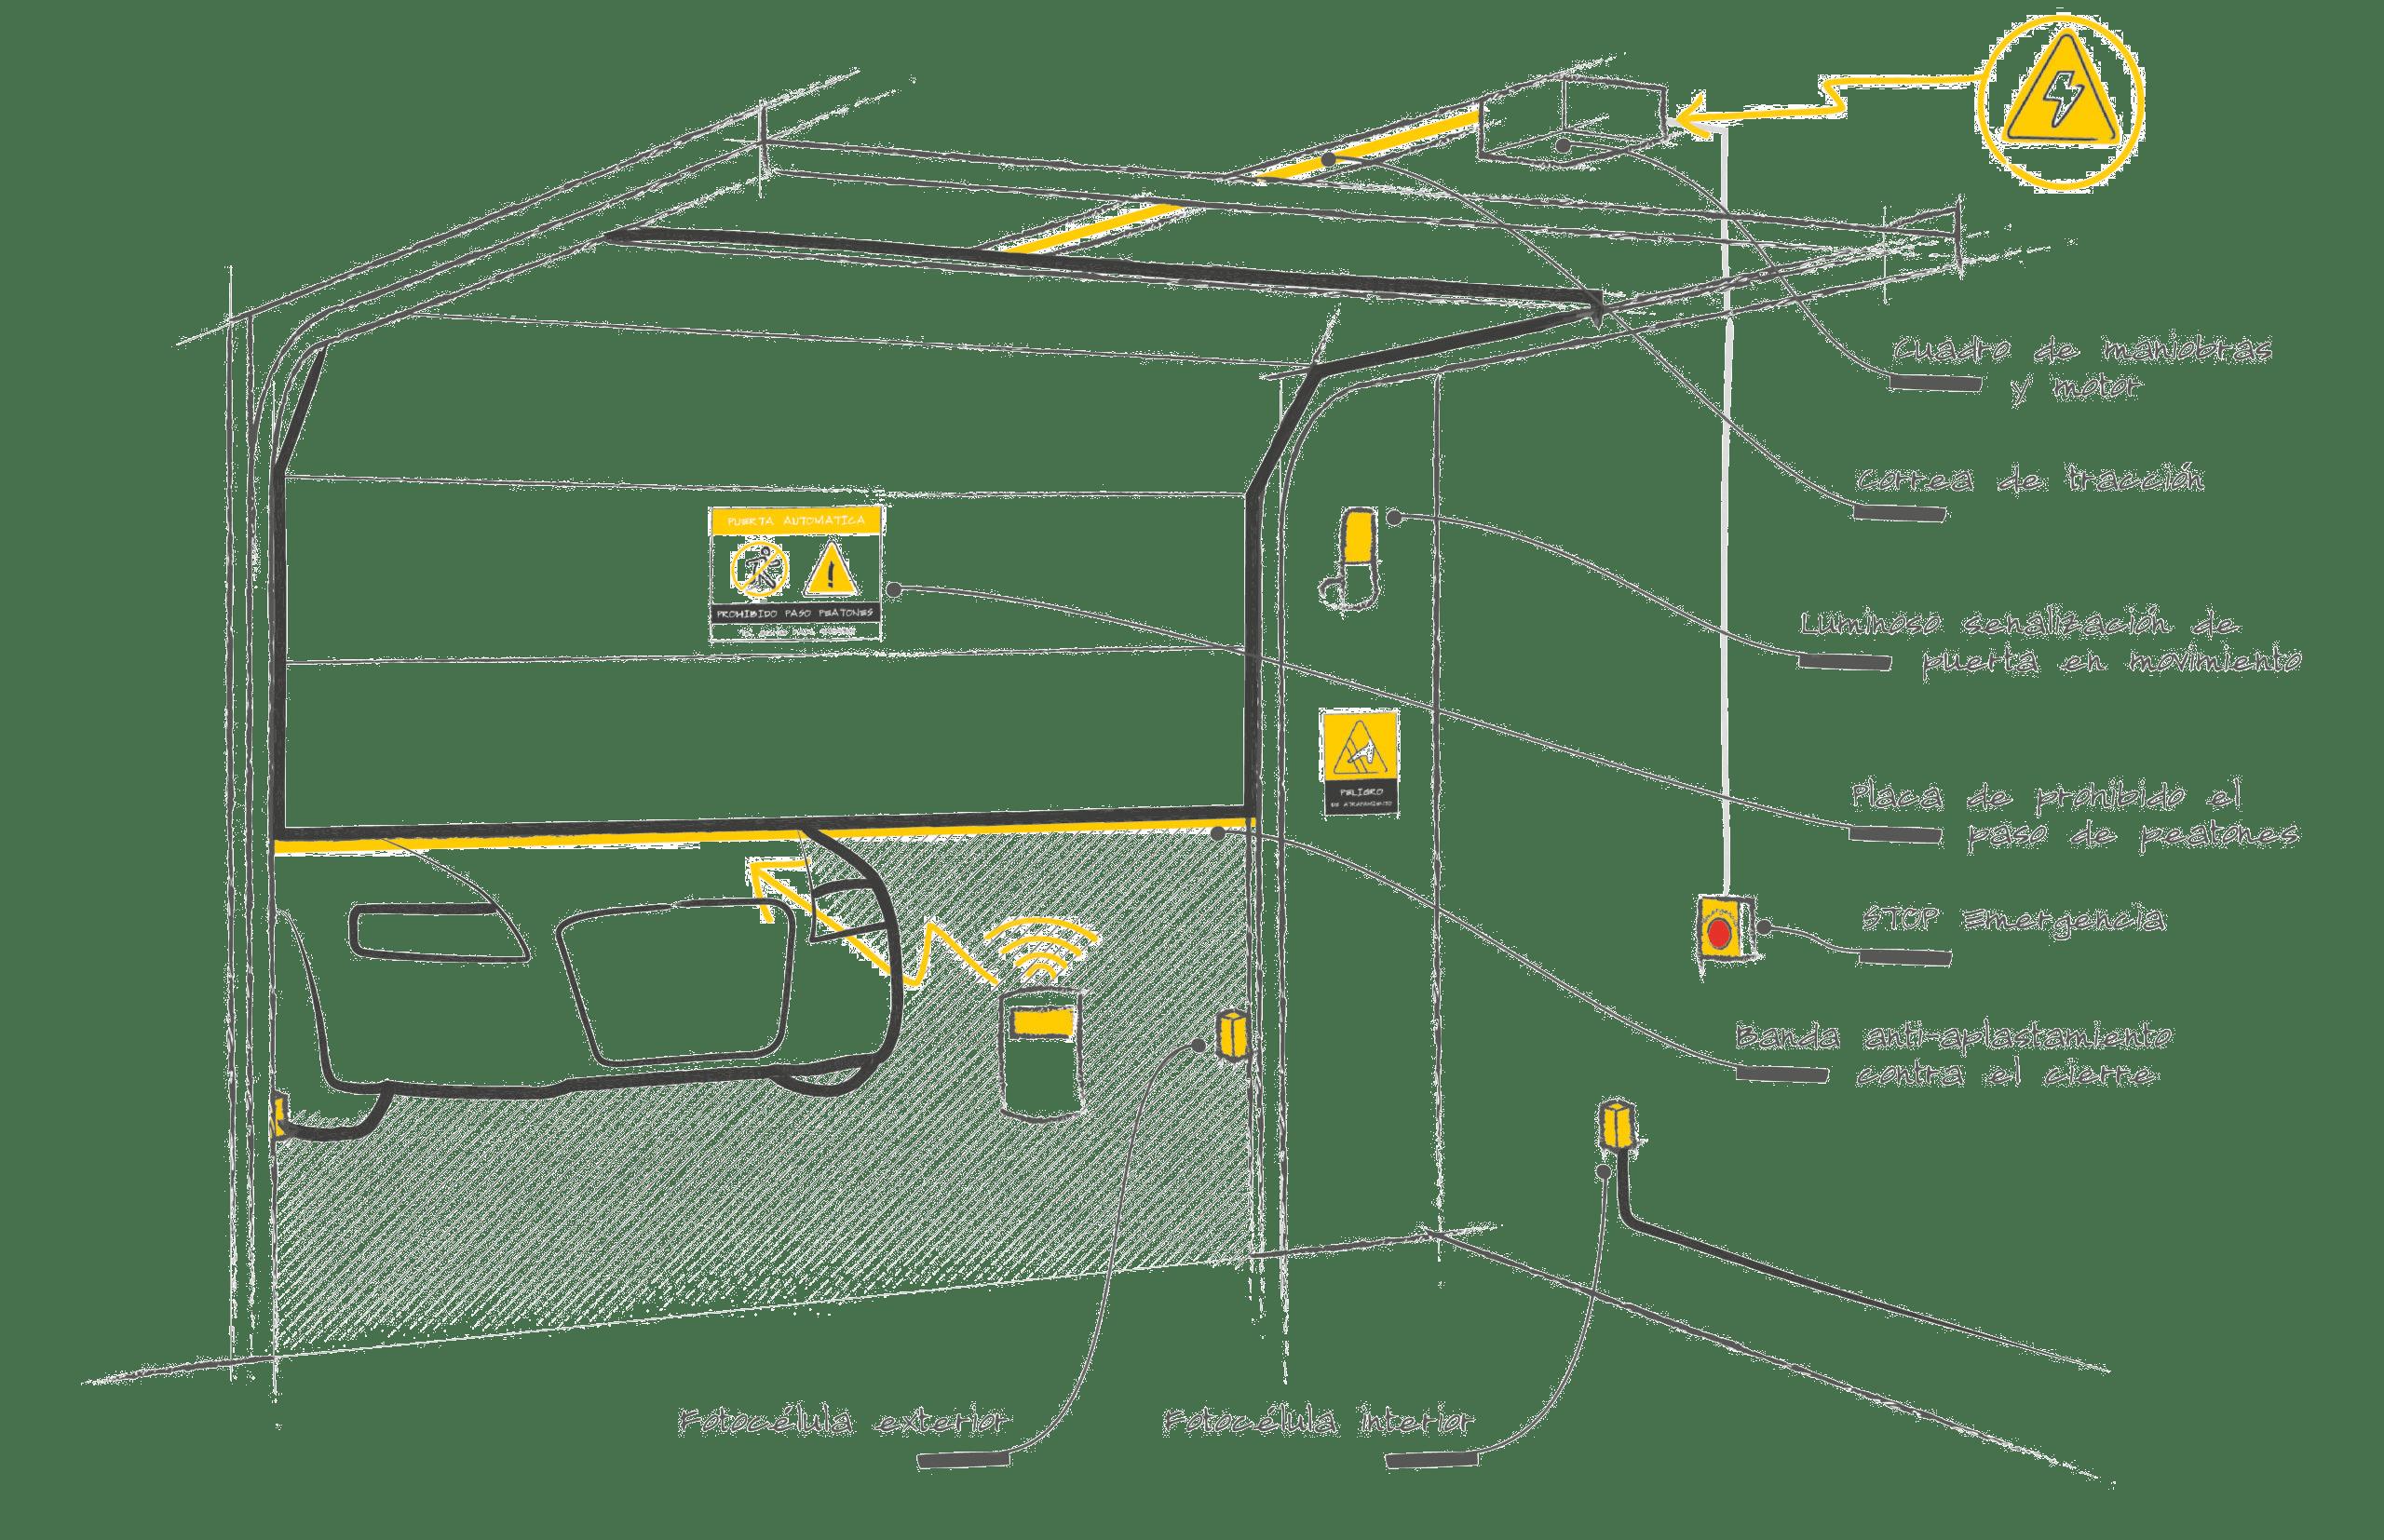 https://fain.es/wp-content/uploads/2020/09/190916_FAIN_Puerta-Seccional_HD-01-scaled-1.png